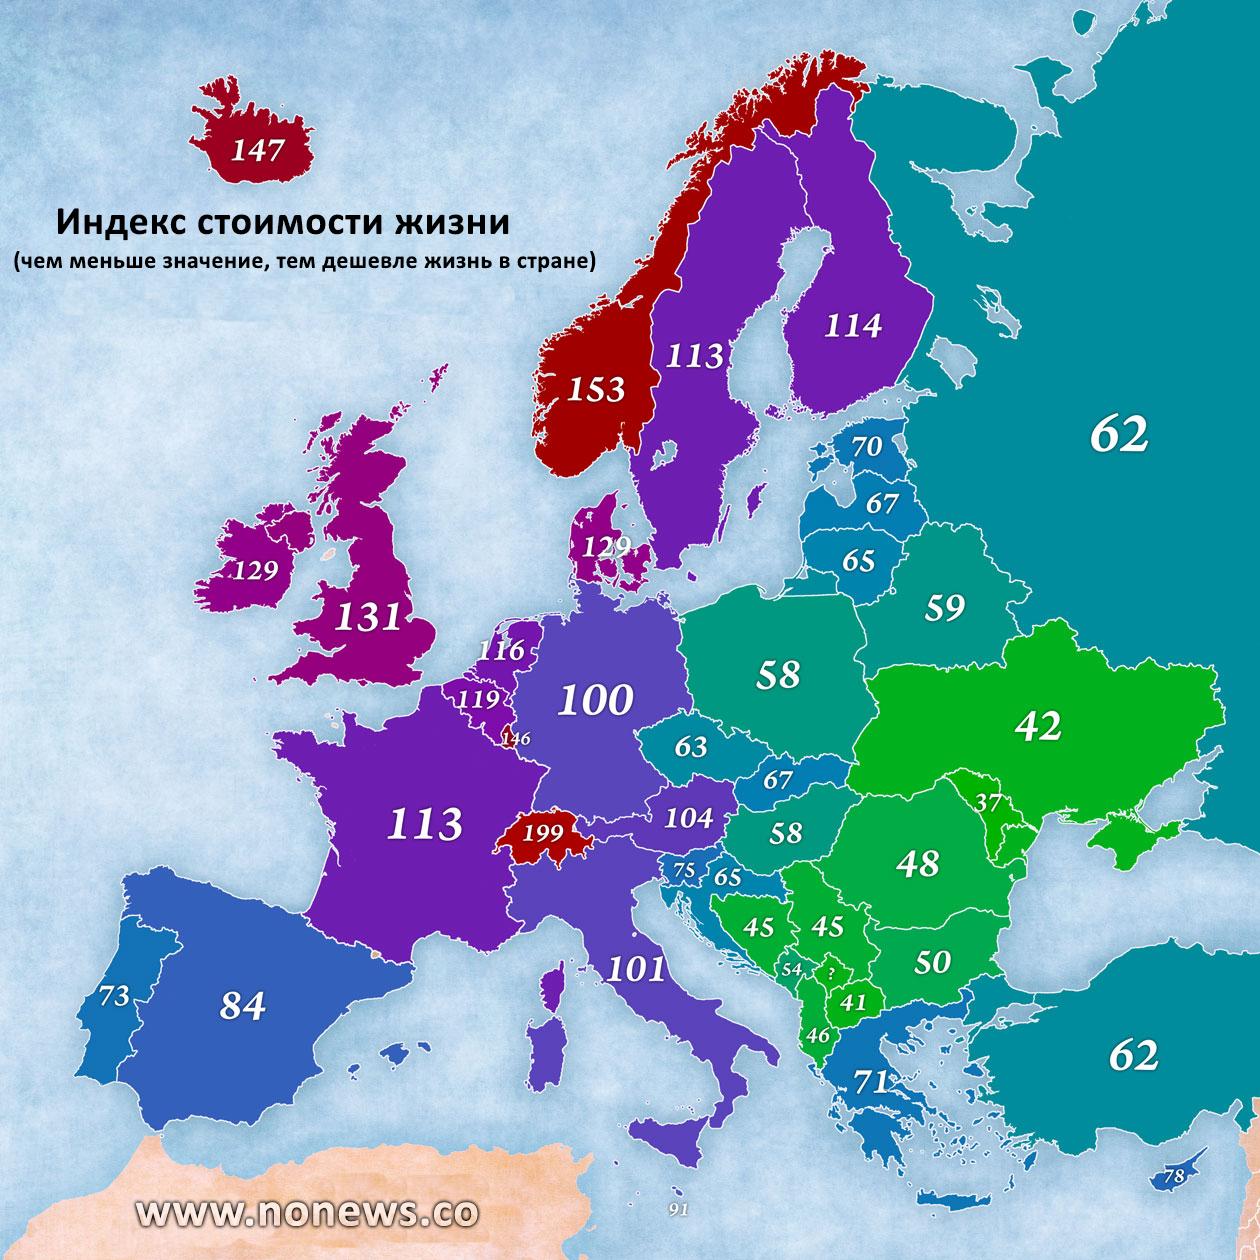 Карта стоимости жизни в странах